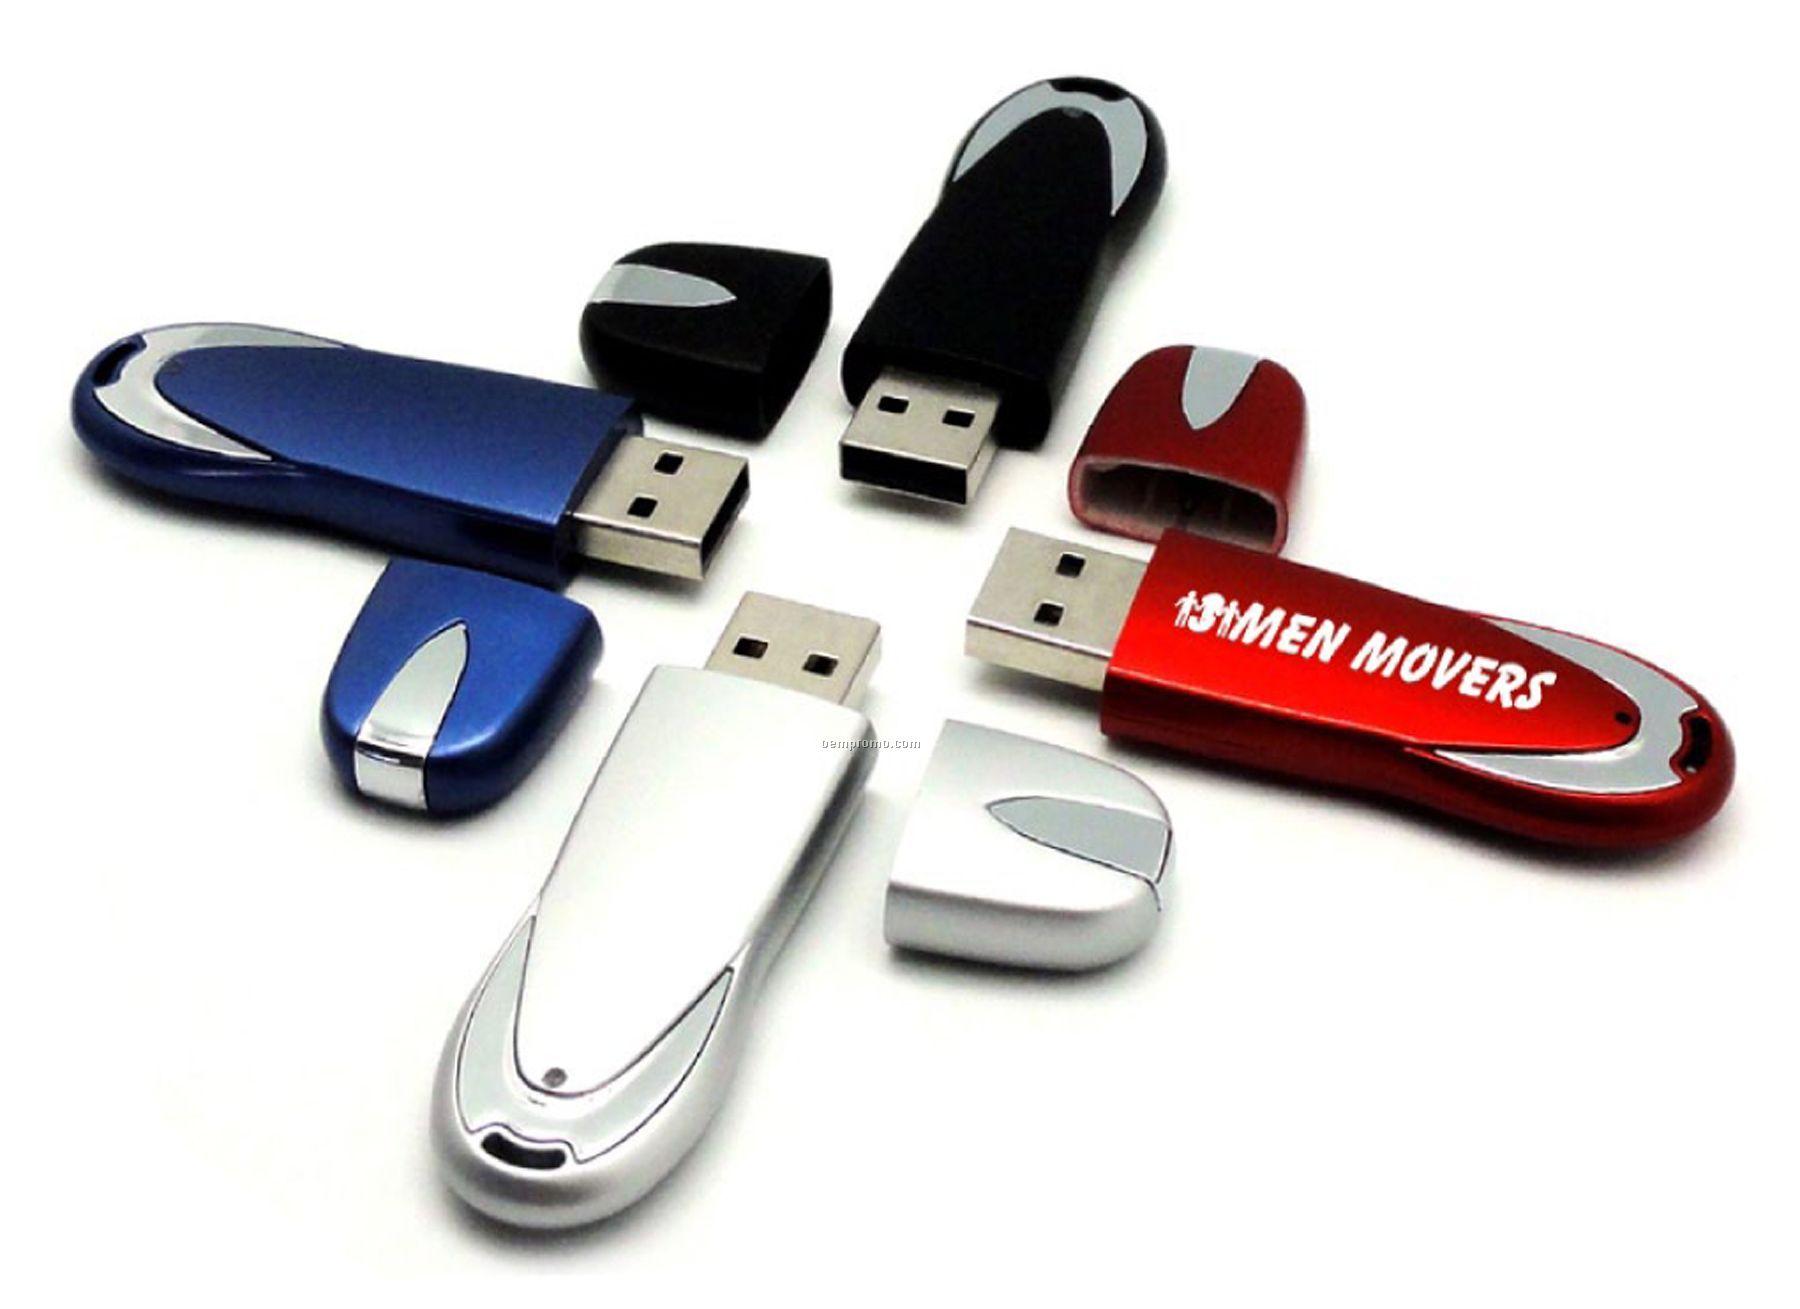 4 Gb USB Pen Drive 1100 Series